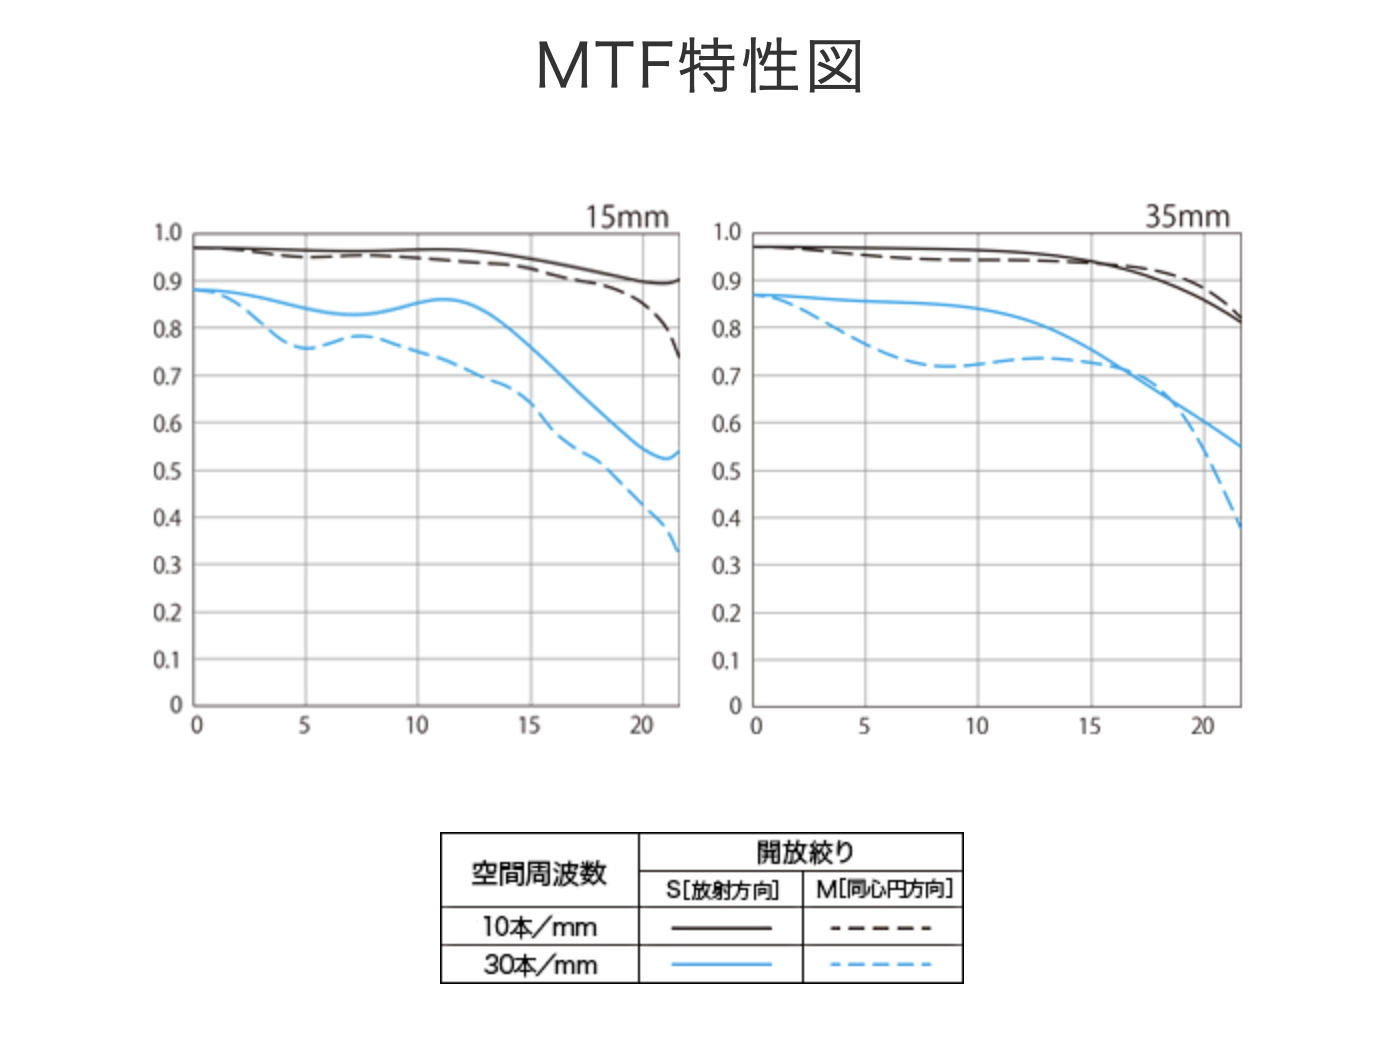 RF15-35mmF2.8L IS USMのMTF